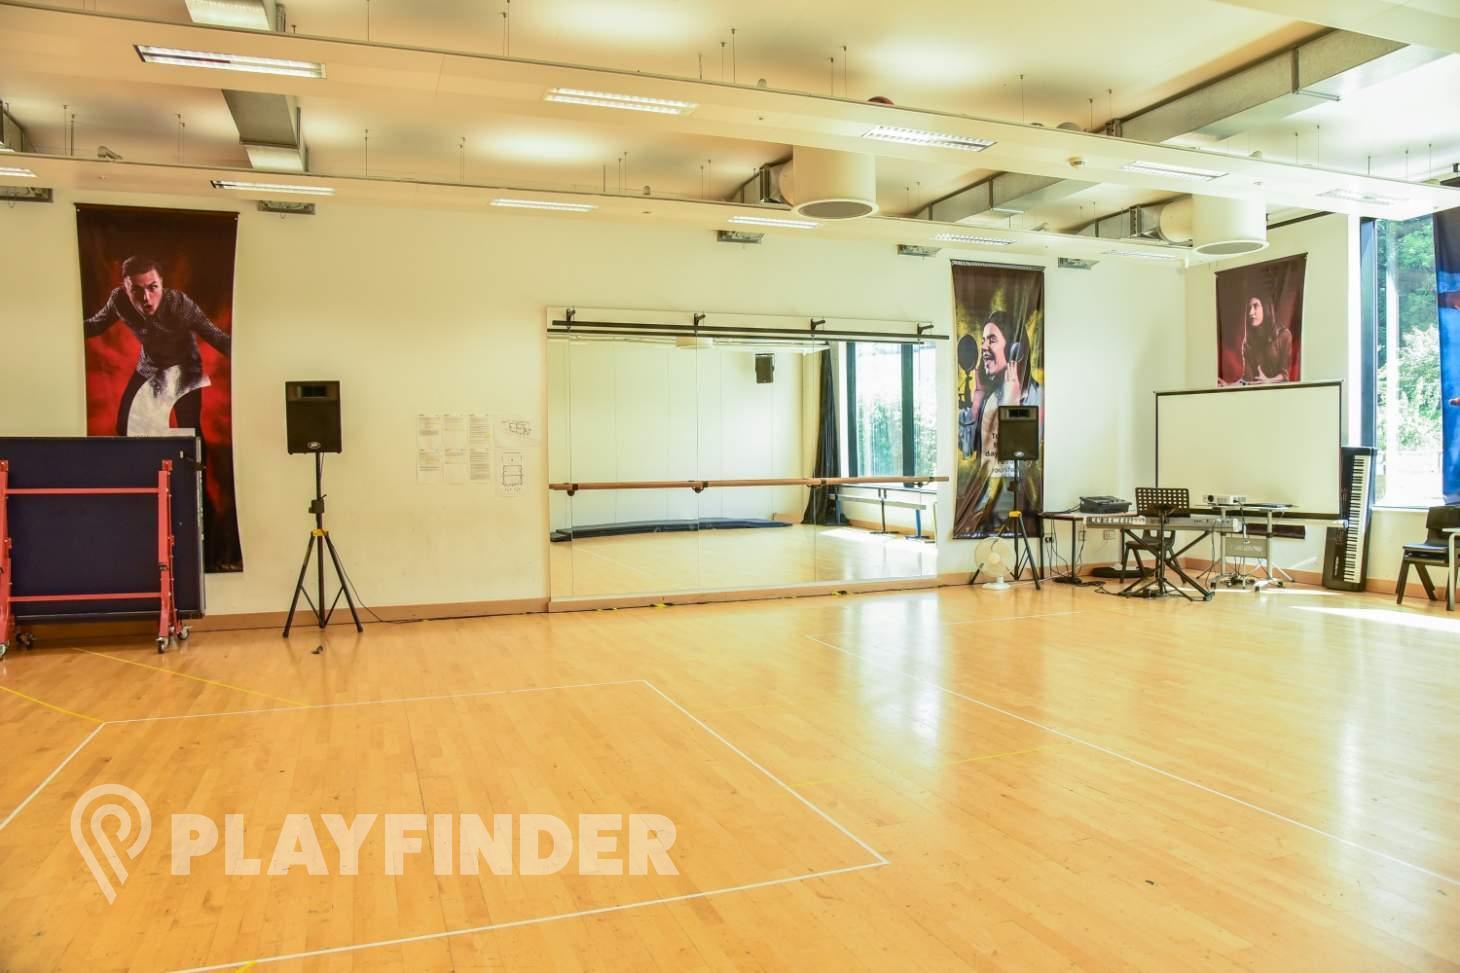 BACA Sports Centre Drama studio space hire